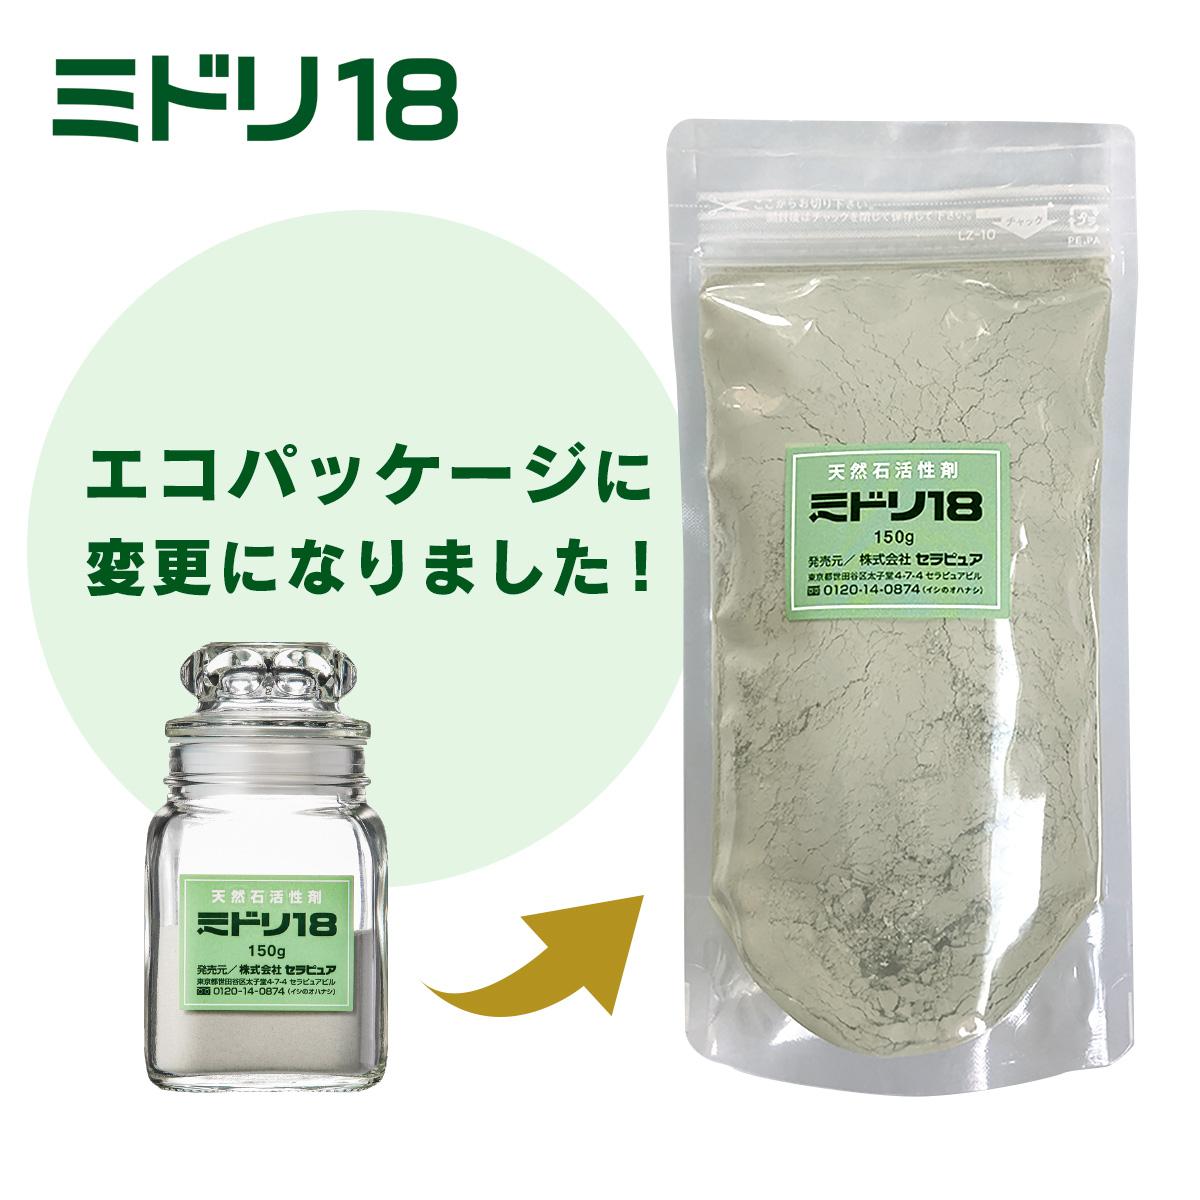 煎じて飲む石の粉で健康維持 【Pt5倍】活性石 ミドリ18 本体(エコパッケージ)150g